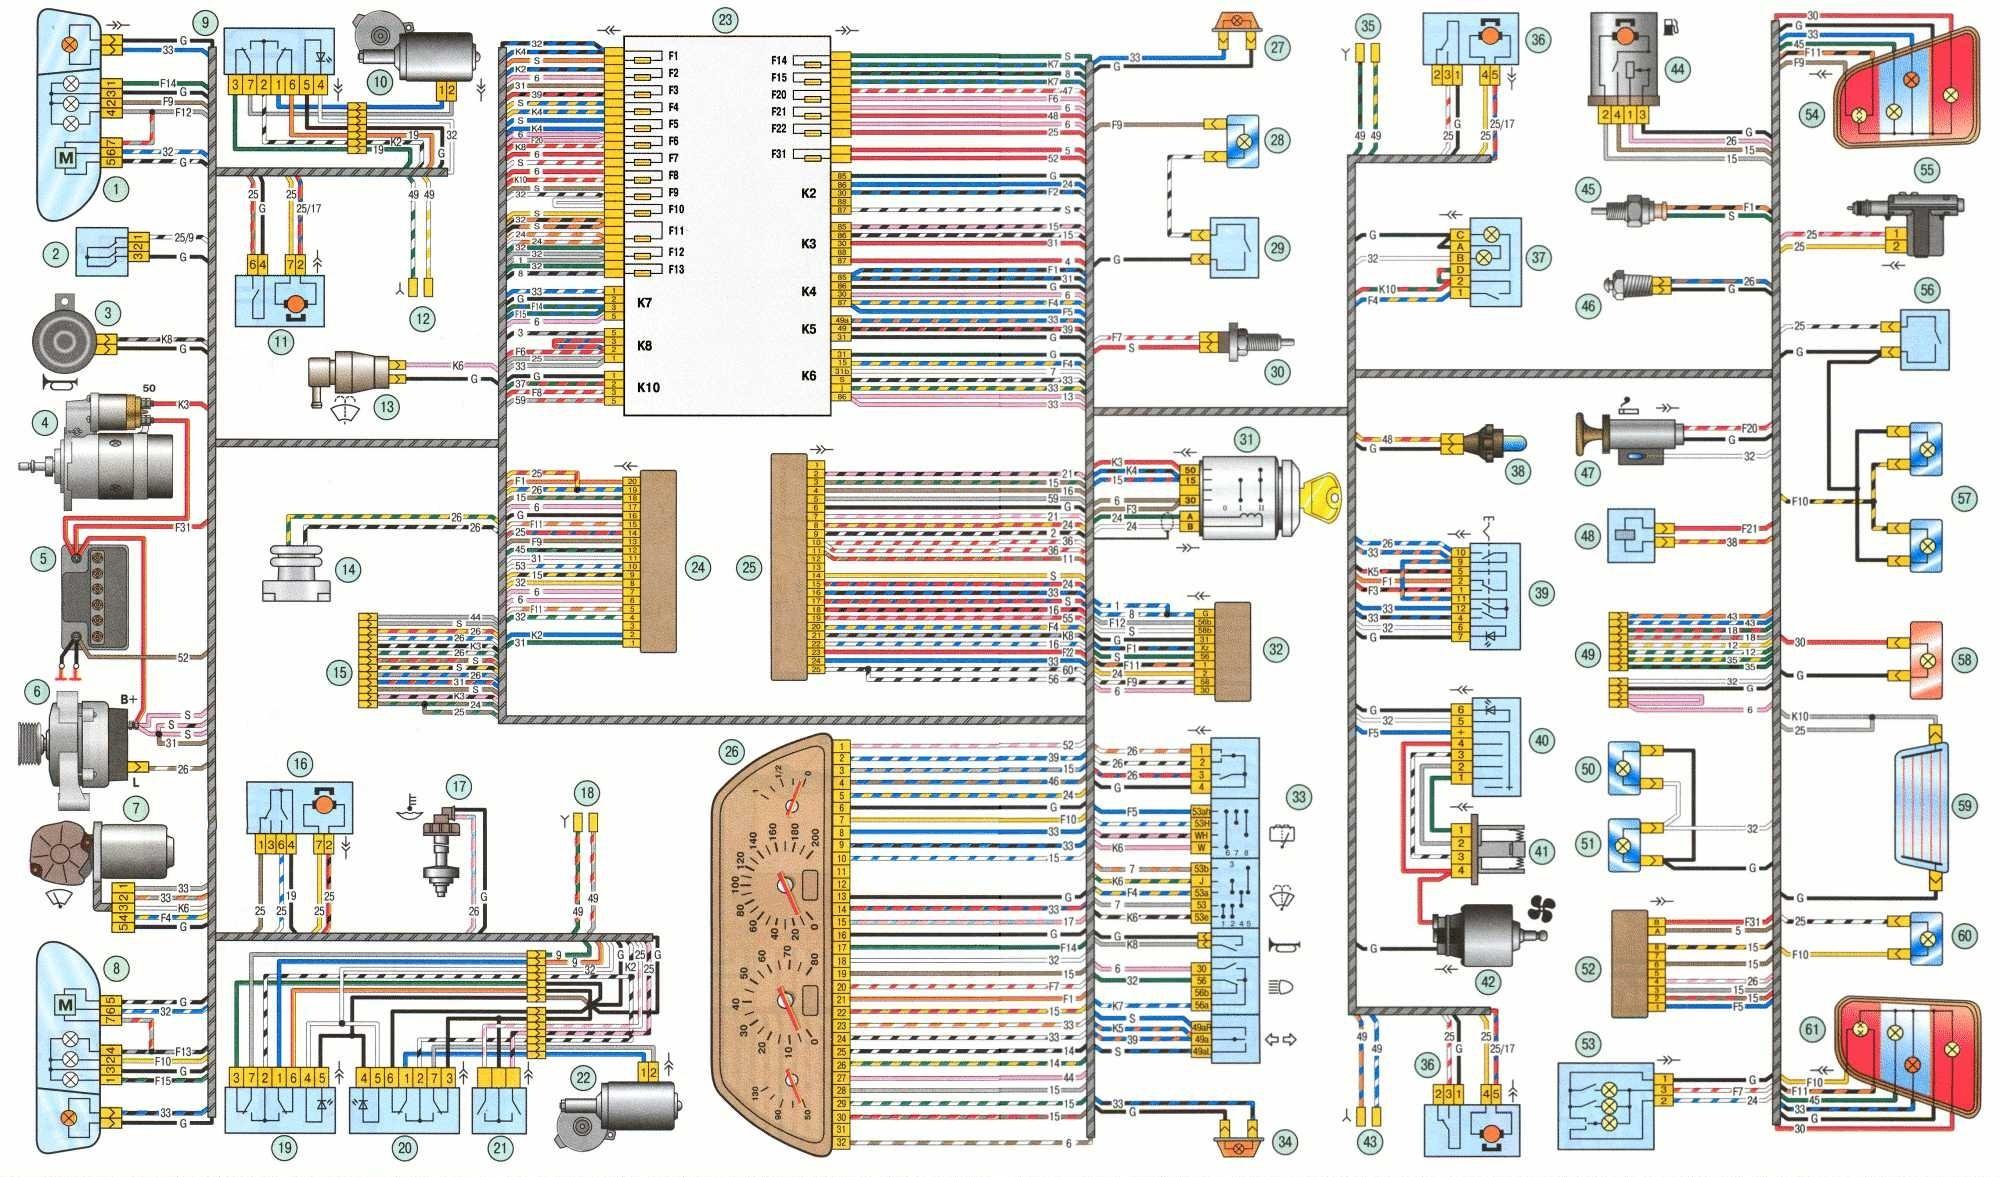 electro vazKalina obch - Электрическая схема автомобиля лада калина